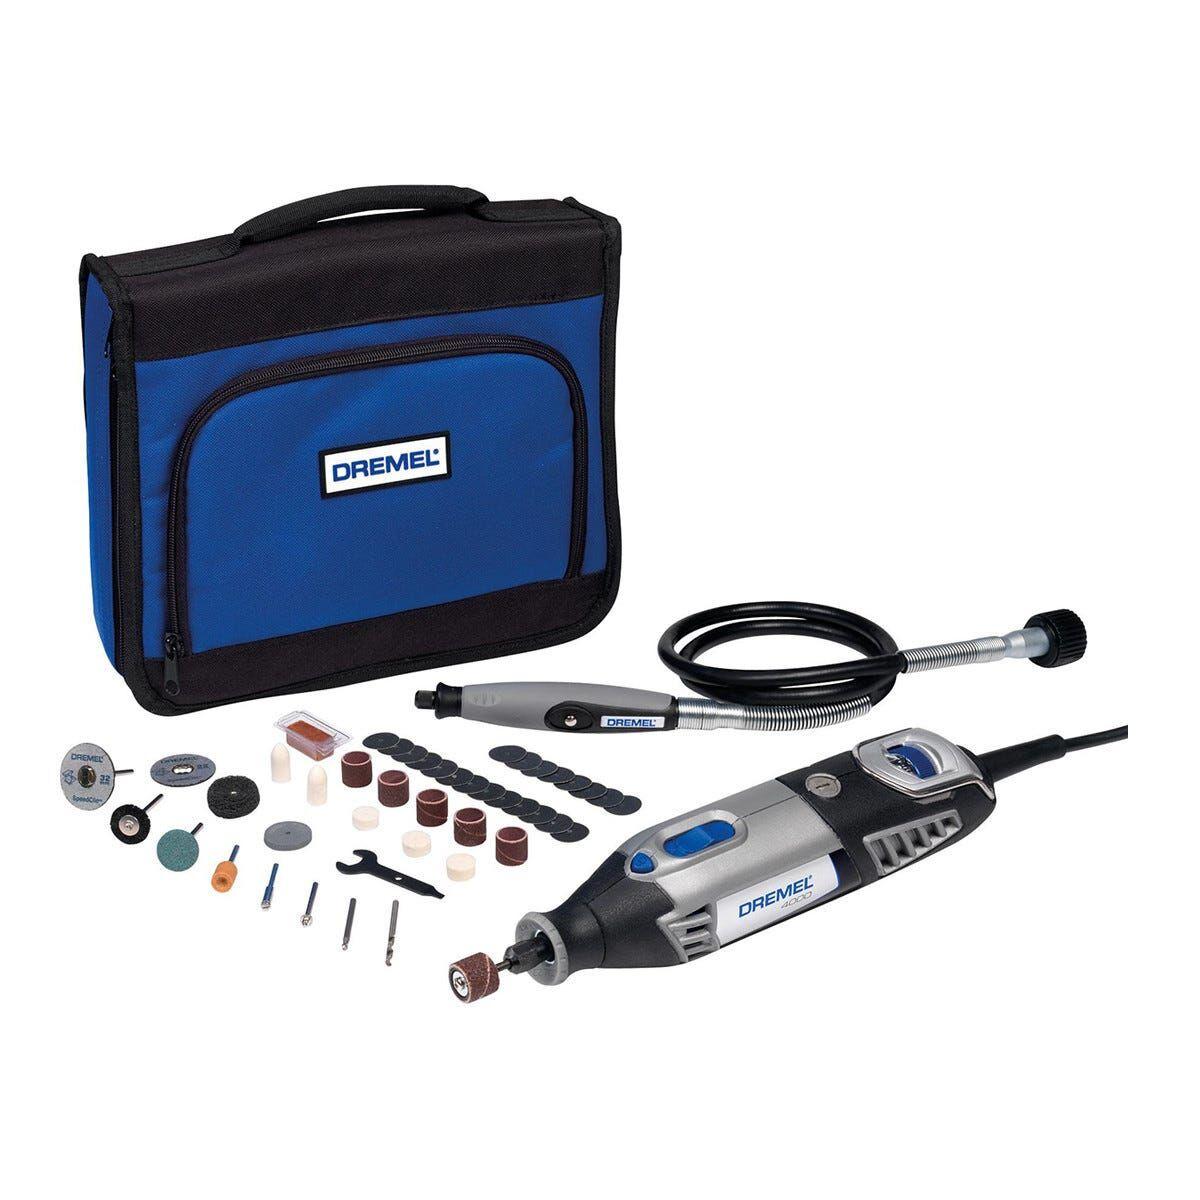 Dremel Miniutensile 175 W Bosch 4000jc 5000-35000 Giri/min Con 45 Accessori